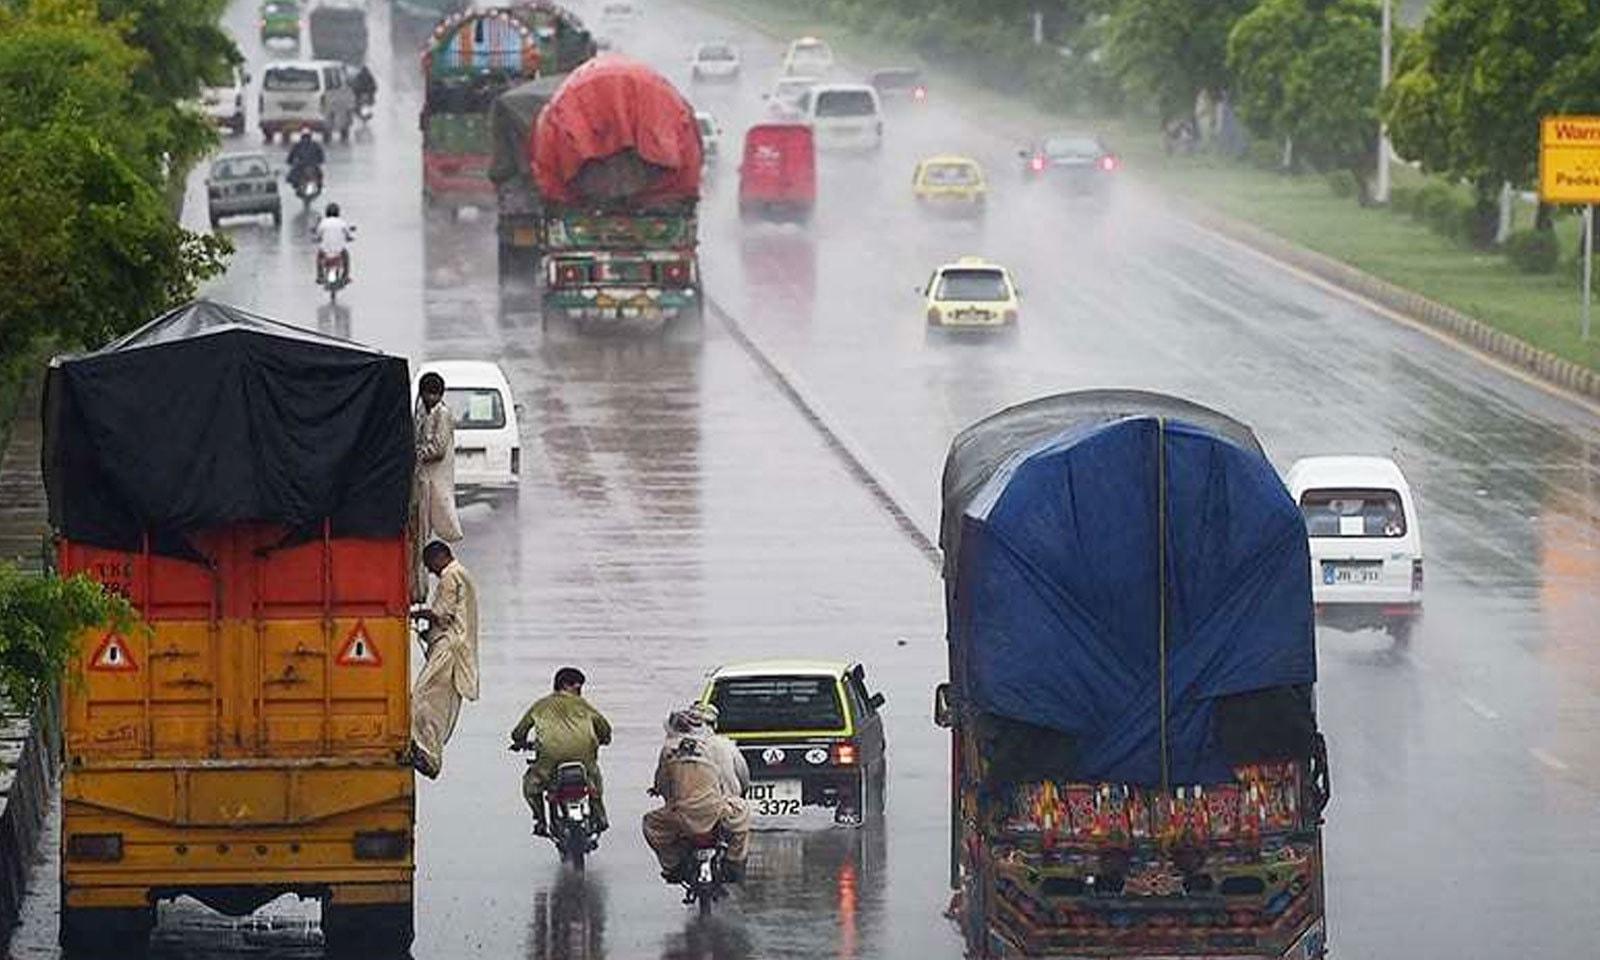 شدید بارشیں 11 اگست تک جاری رہیں—فوٹو: اے ایف پی